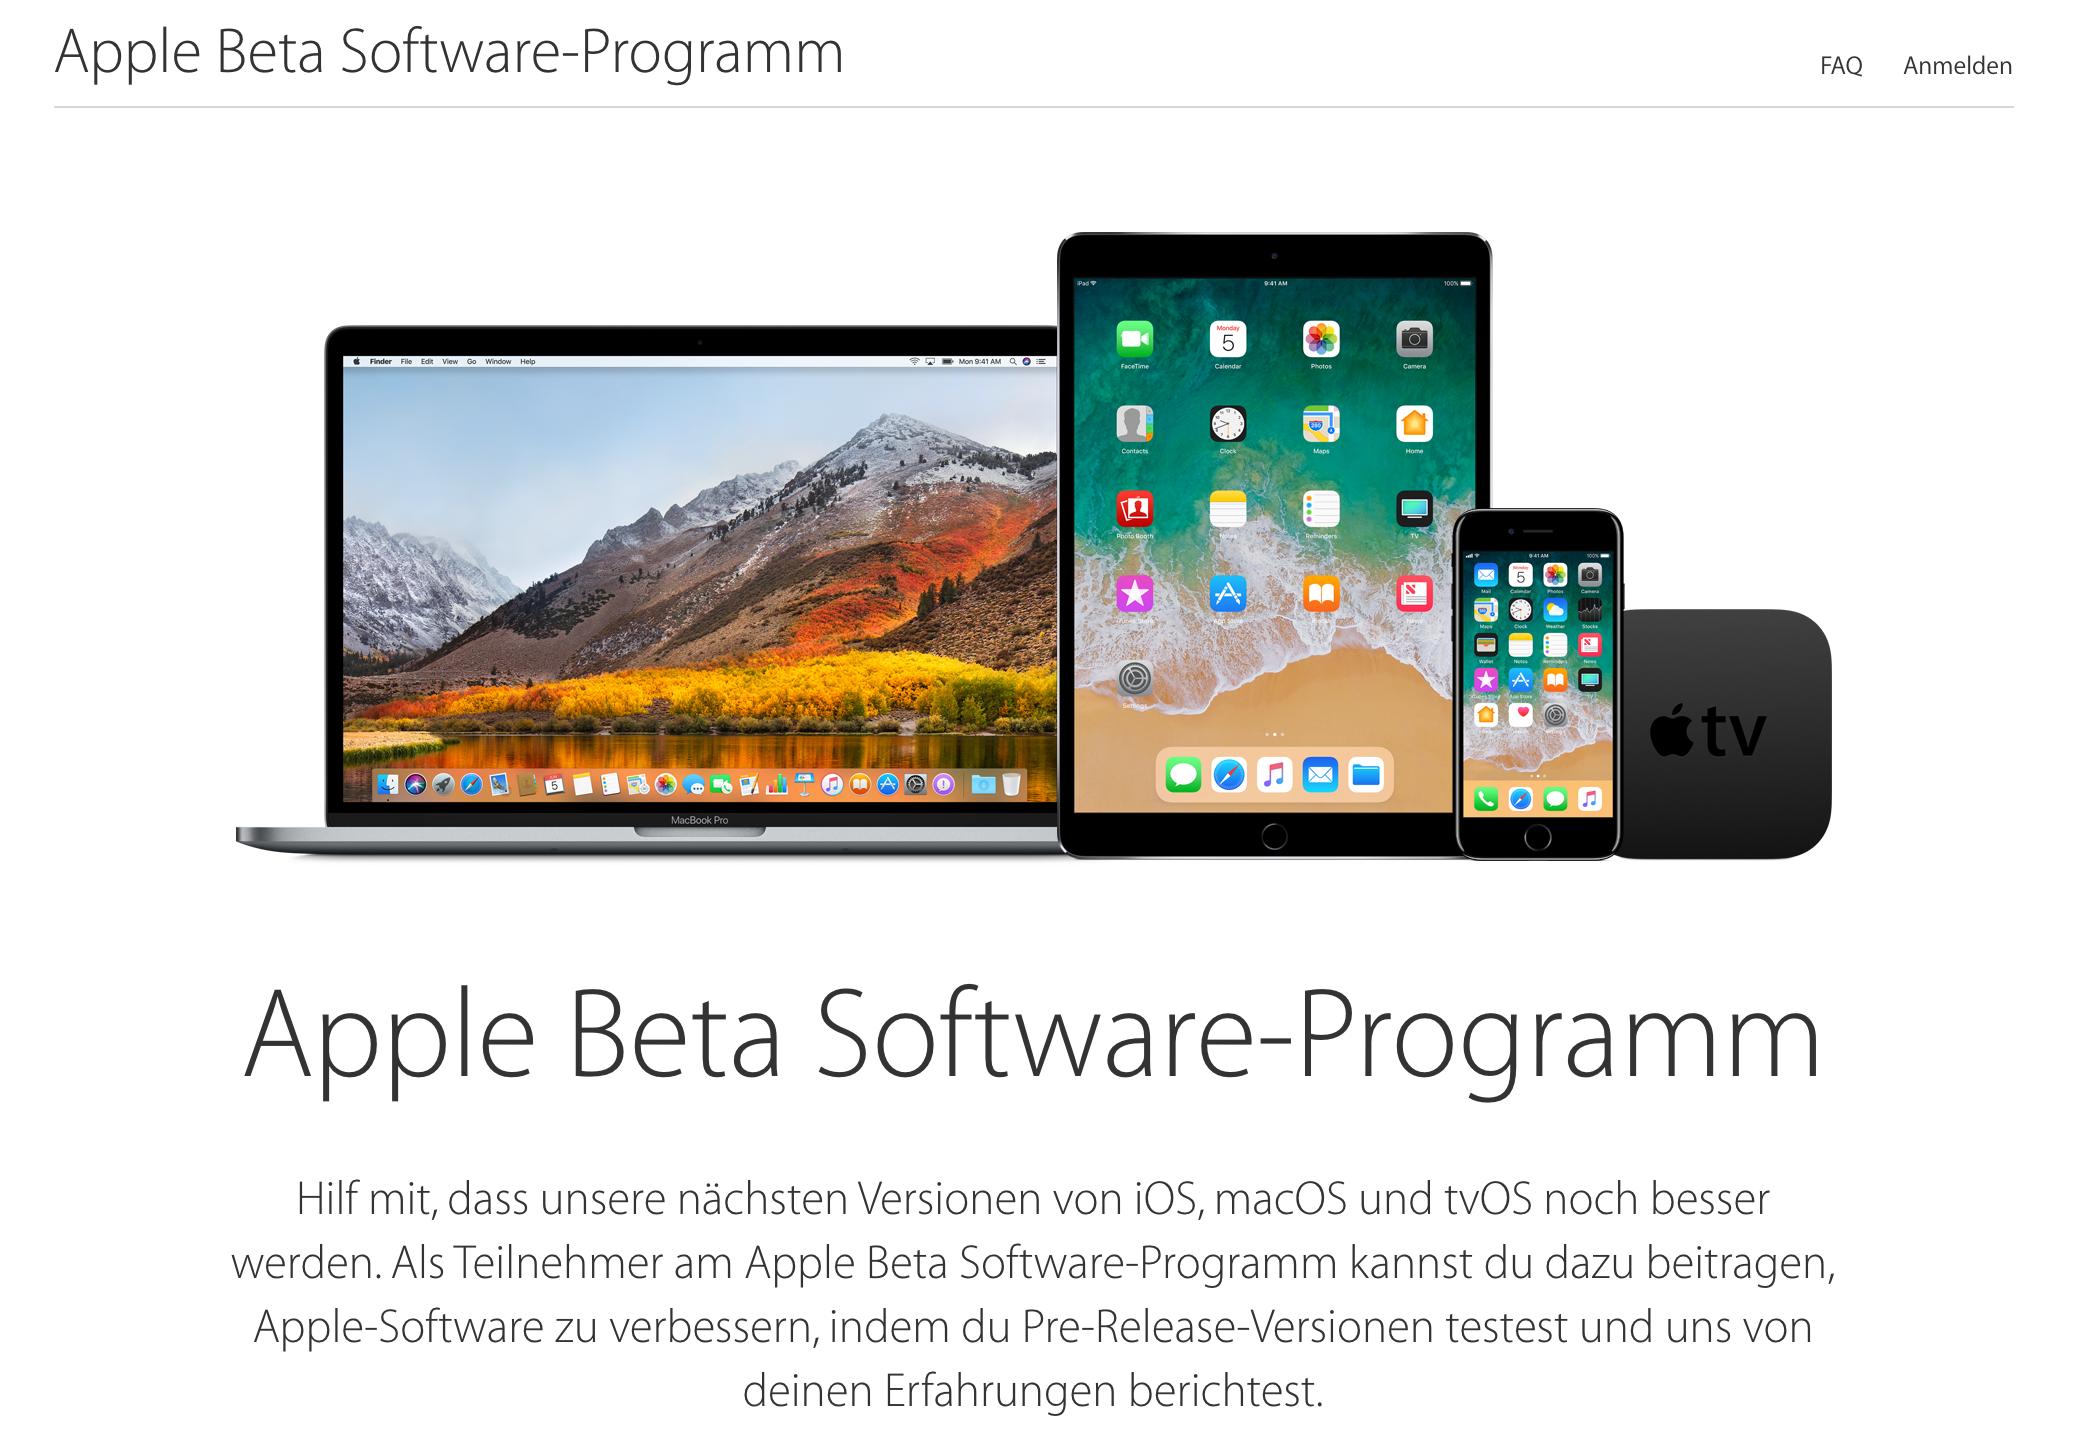 iOS 11: Leak der Golden Master offenbart viele Details über Face ID, iPhone-Namen und mehr